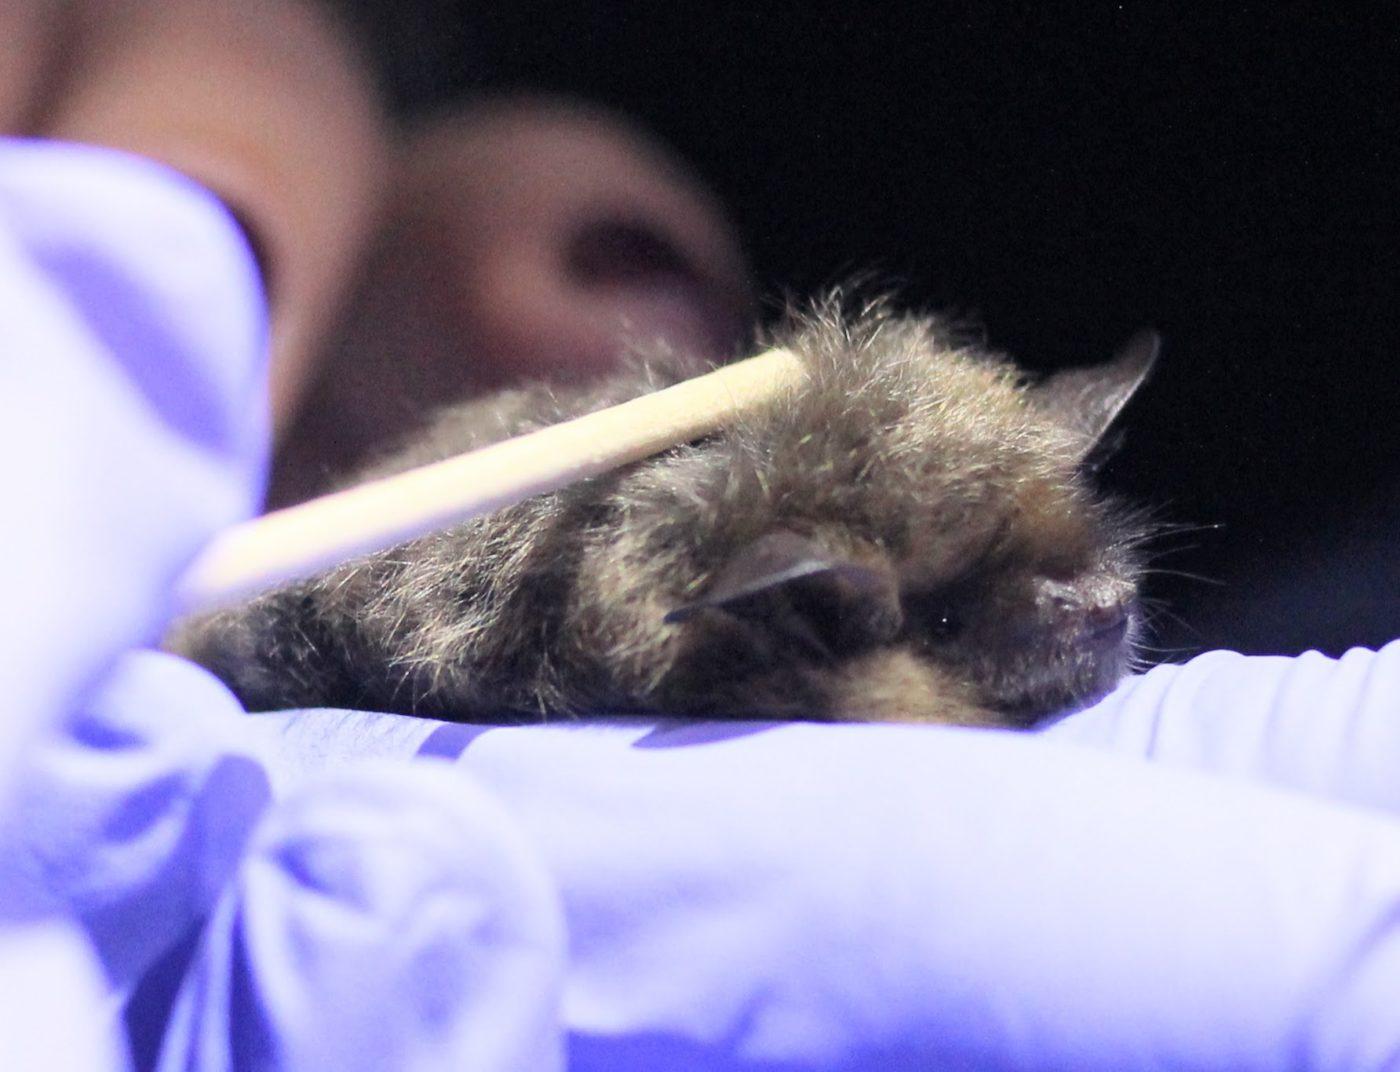 Bats Aren't Bad Guys